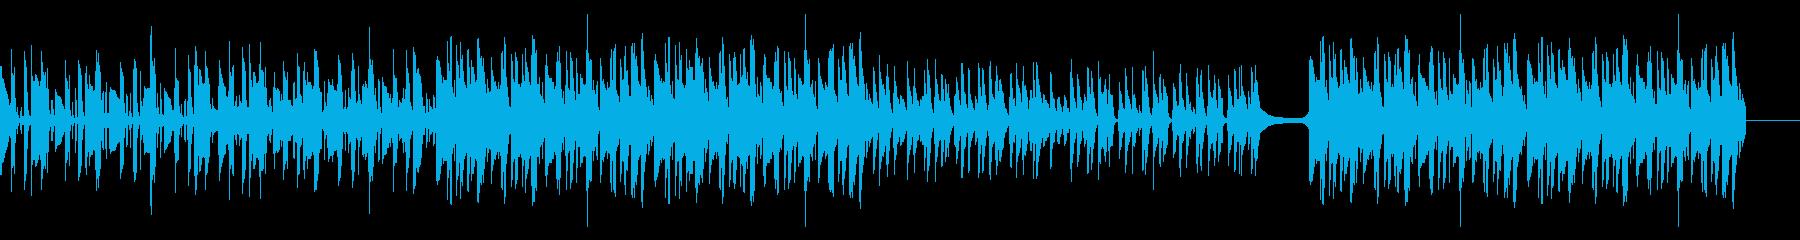 ほのぼのリズミカルなアコギ劇伴の再生済みの波形